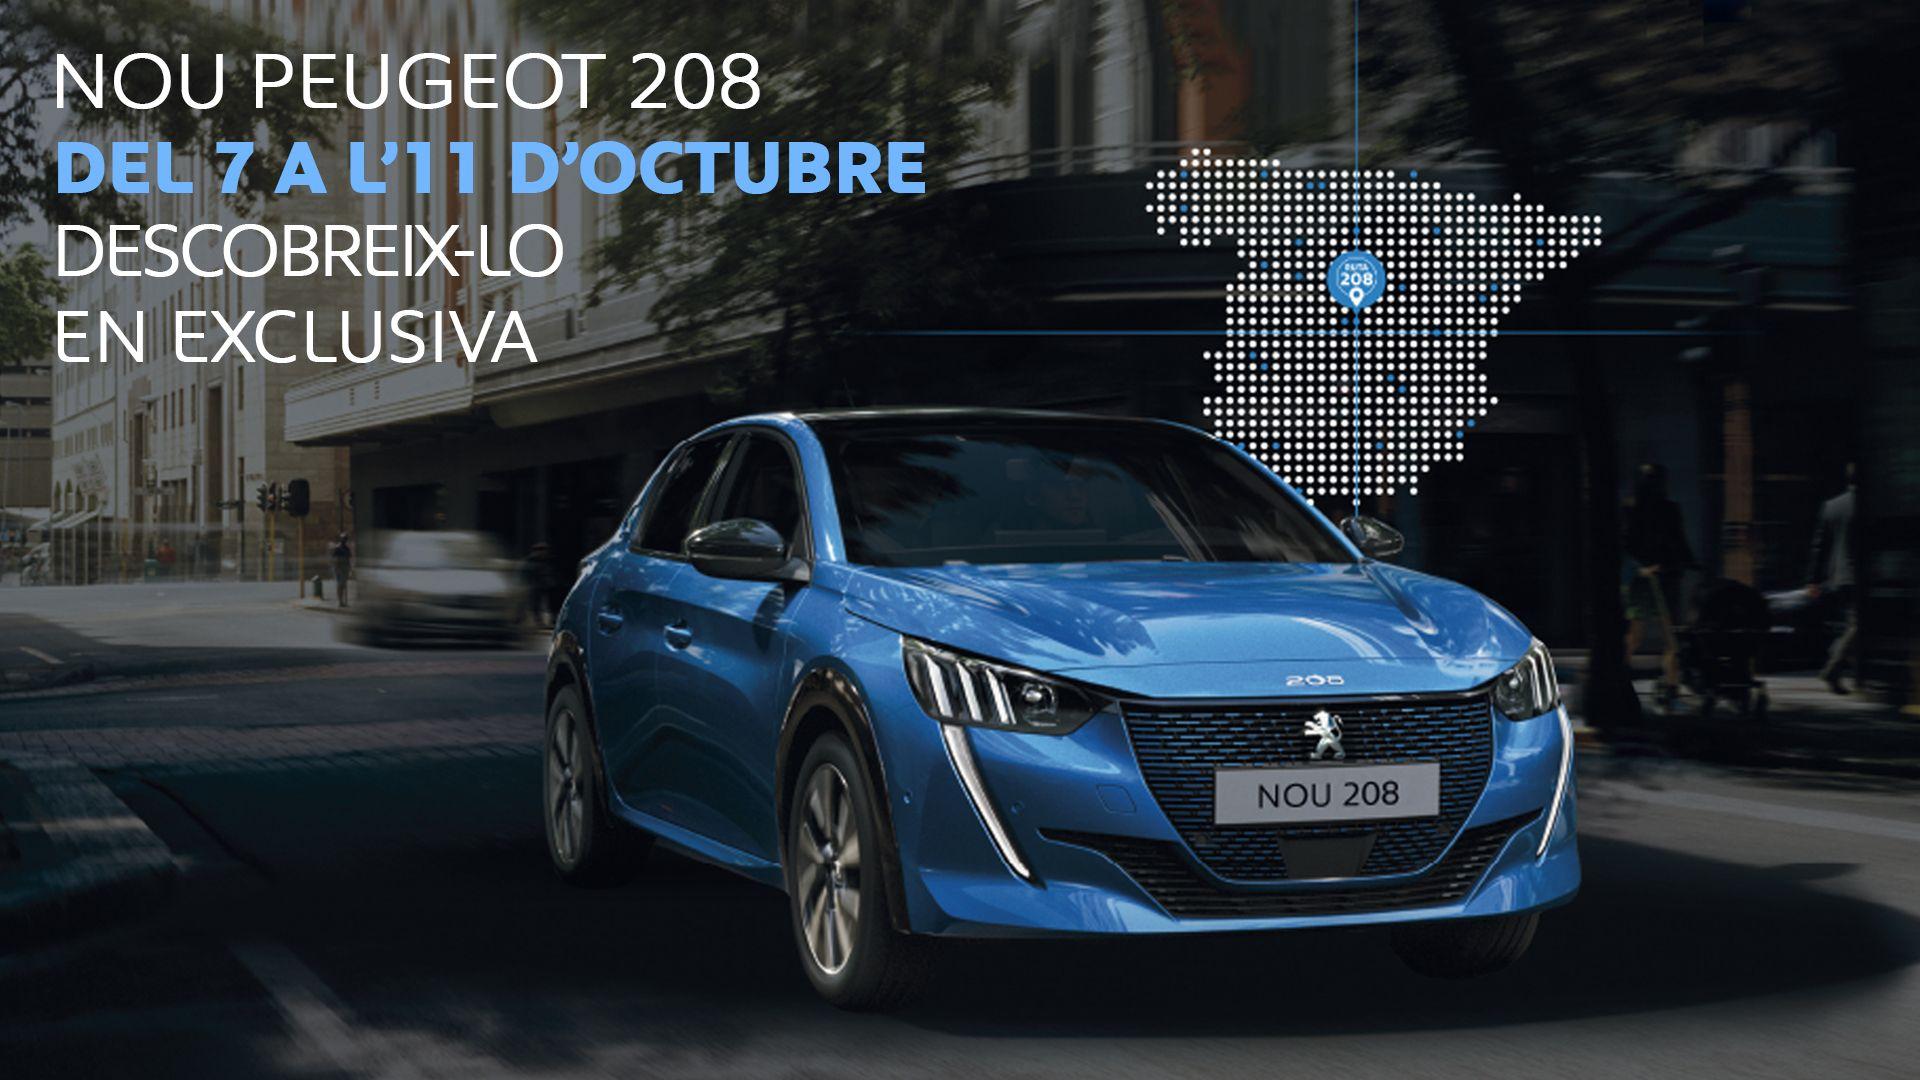 Eutrasa presenta en exclusiva el nou Peugeot 208 del 7 a l'11 d'Octubre